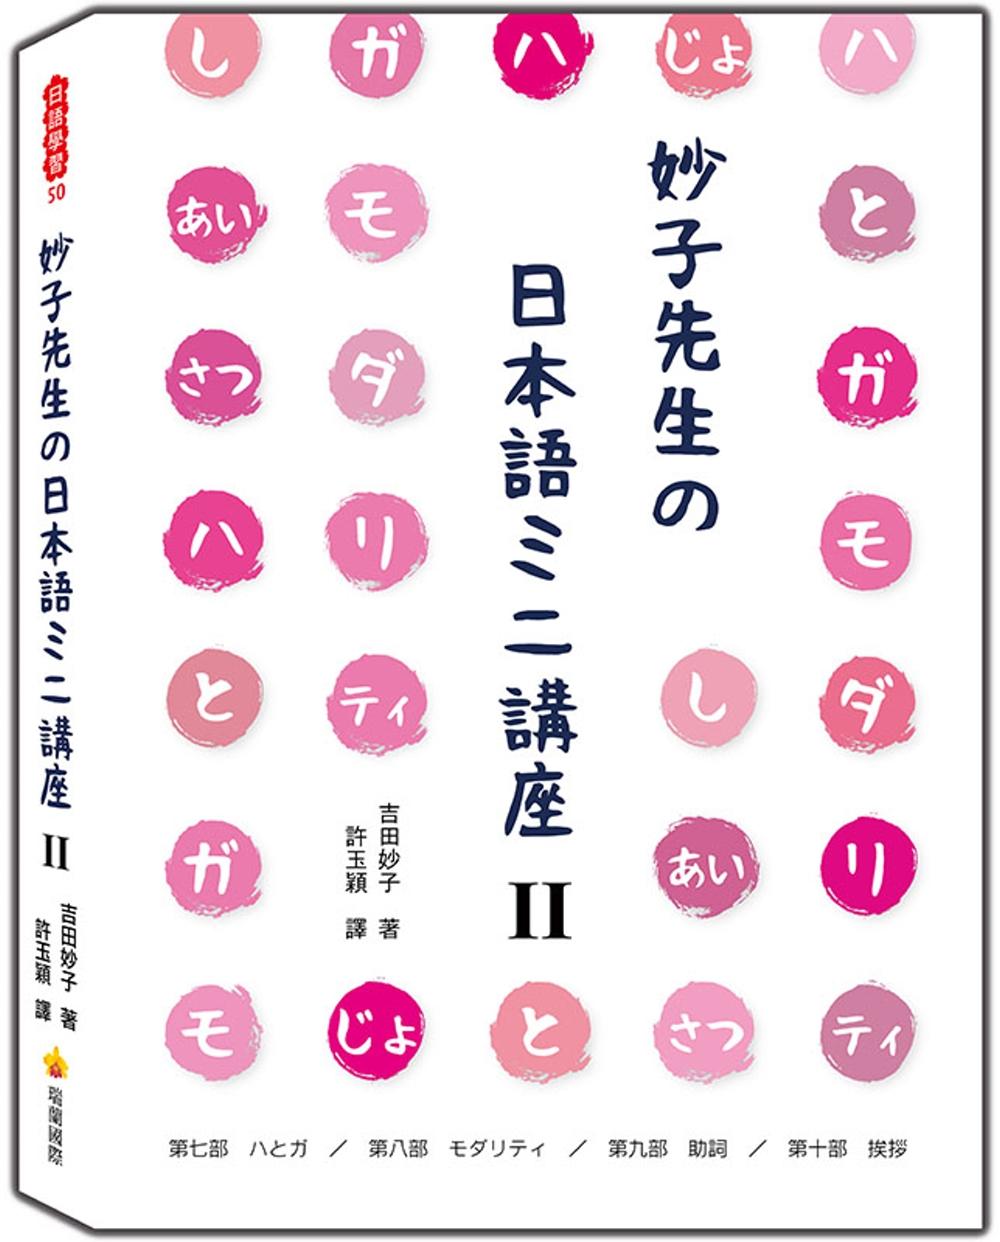 妙子先生の日本語ミニ講座Ⅱ:は與が、情態、助詞、寒暄